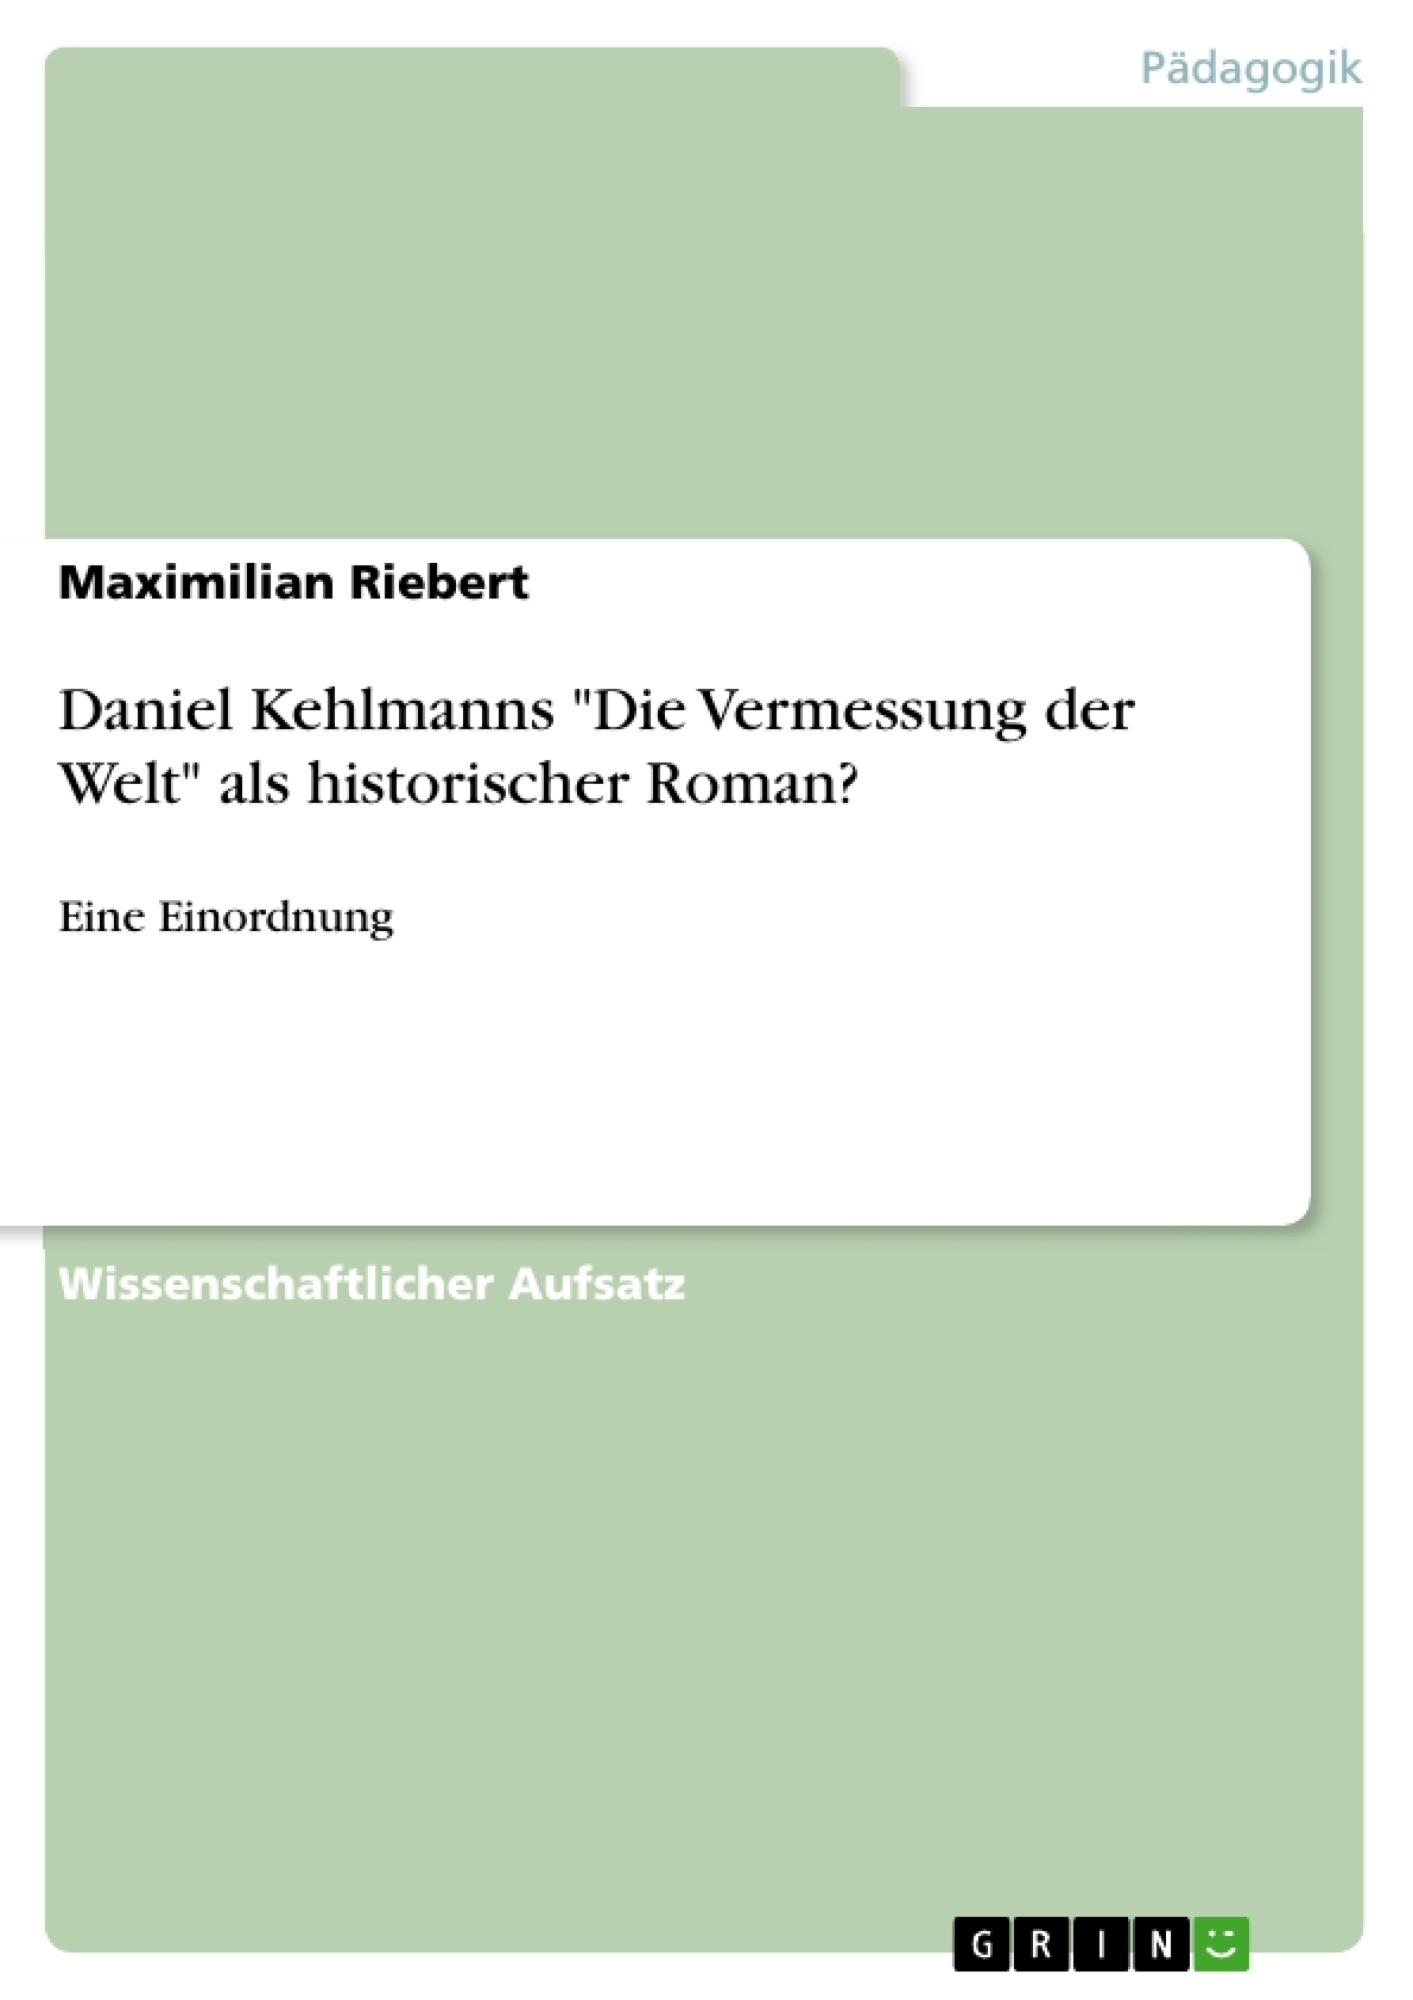 """Titel: Daniel Kehlmanns """"Die Vermessung der Welt"""" als historischer Roman?"""